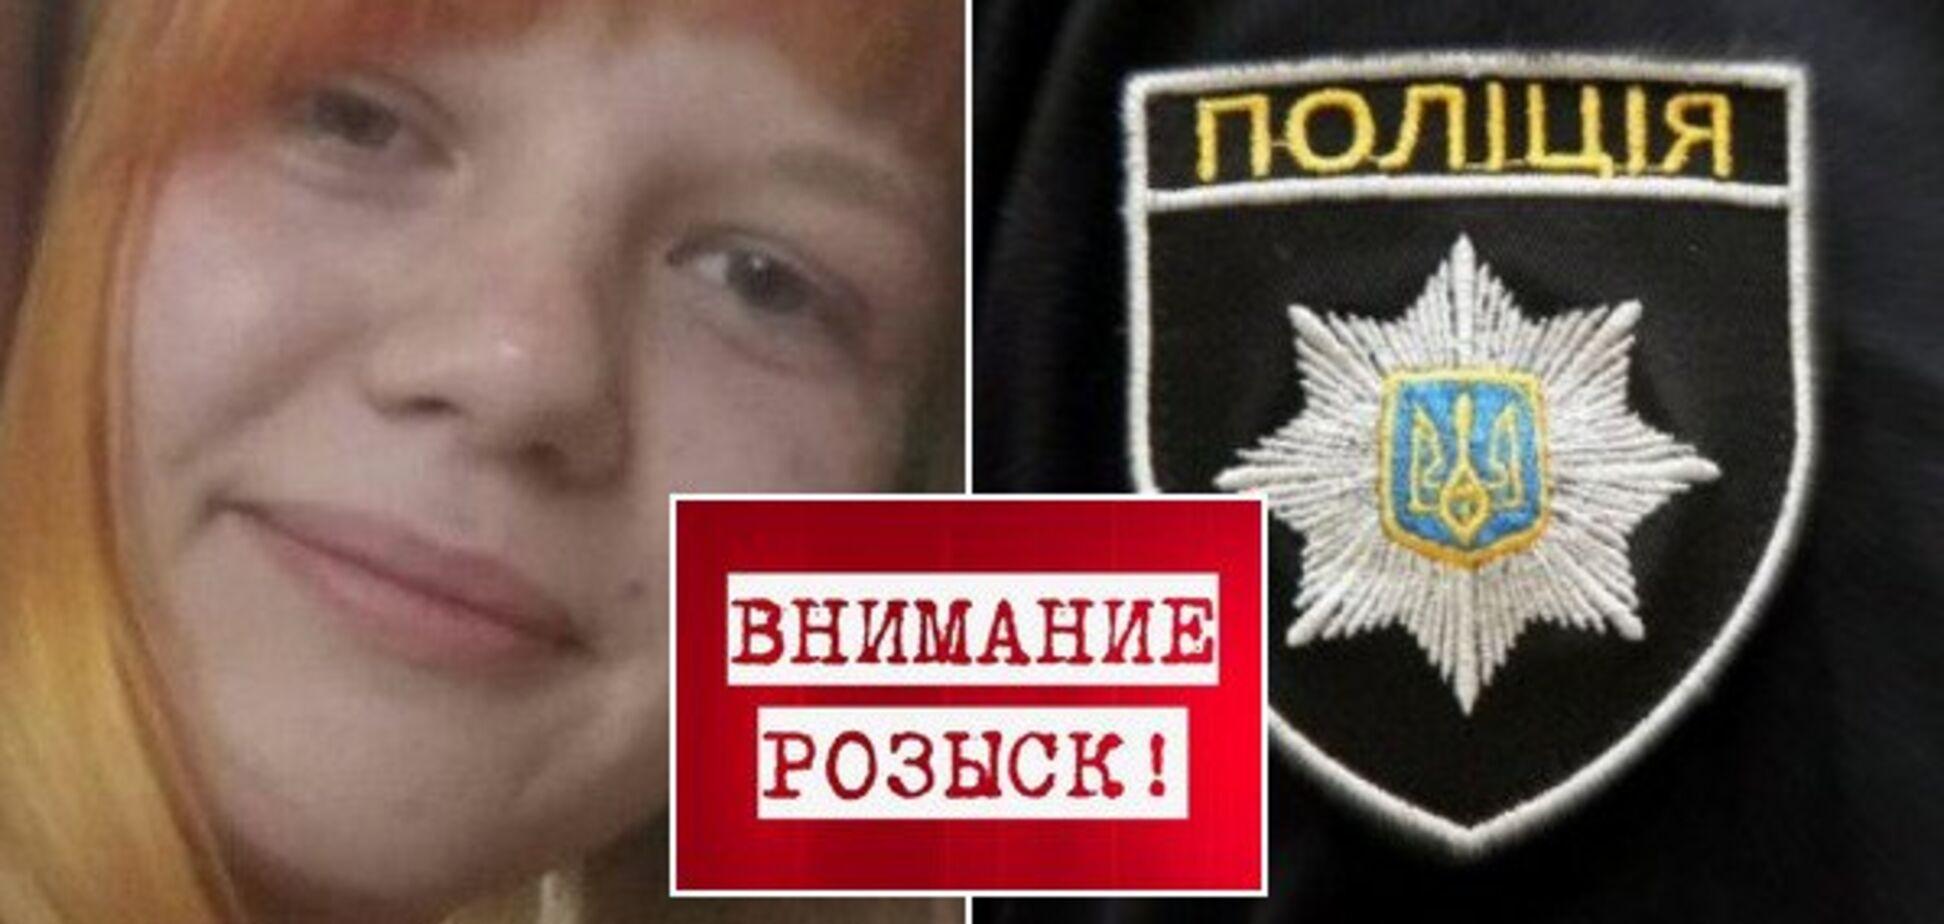 Ушла с парнем: в Днепре пропала 17-летняя девушка. Фото